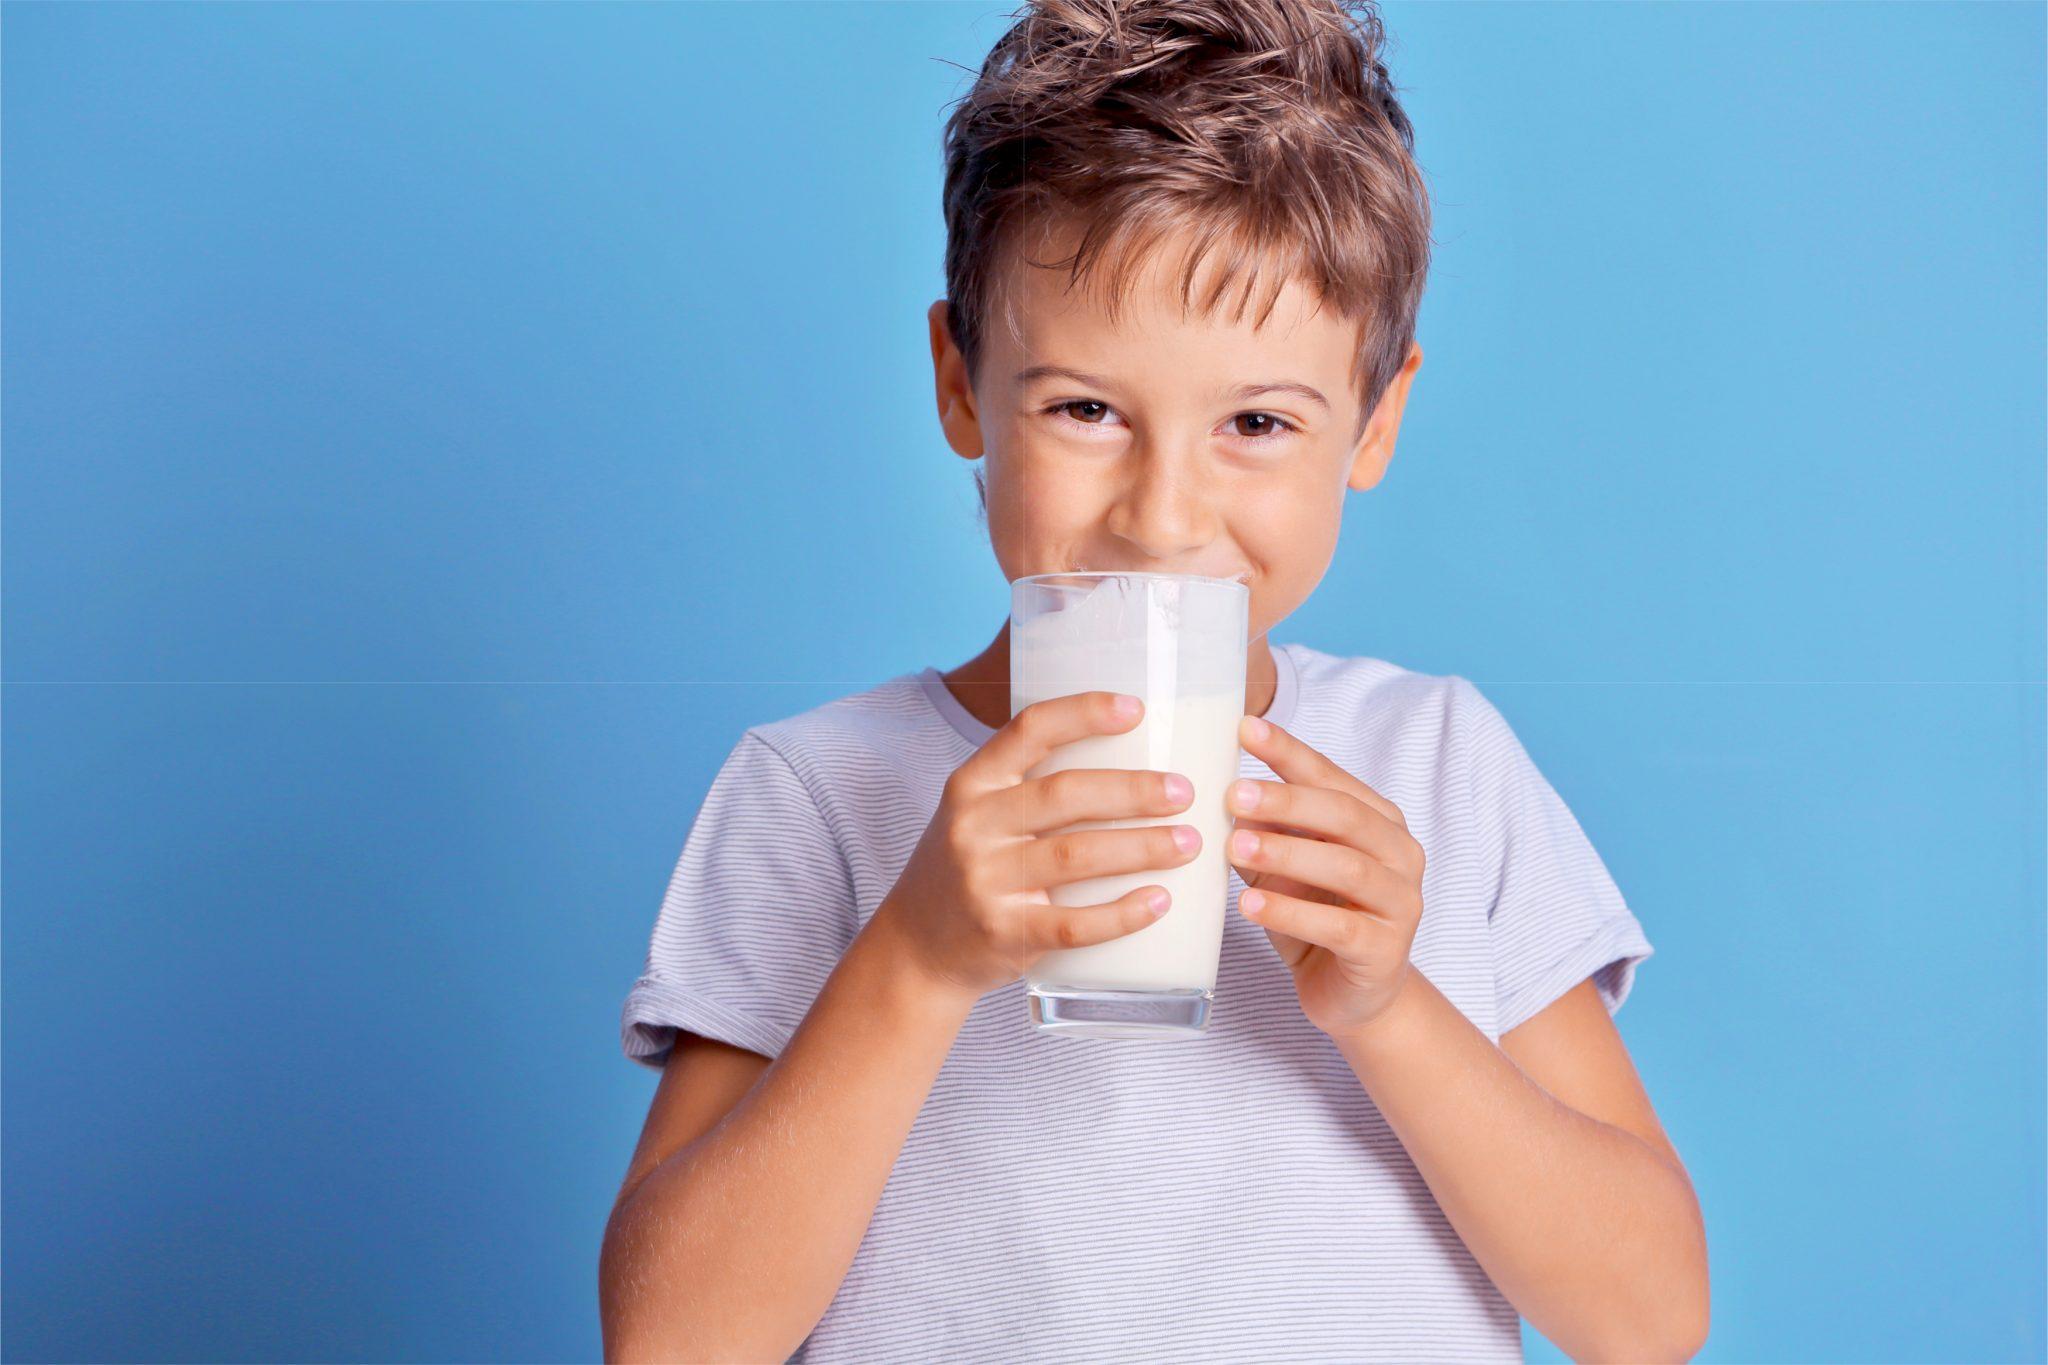 食前に牛乳を飲んでいる男の子